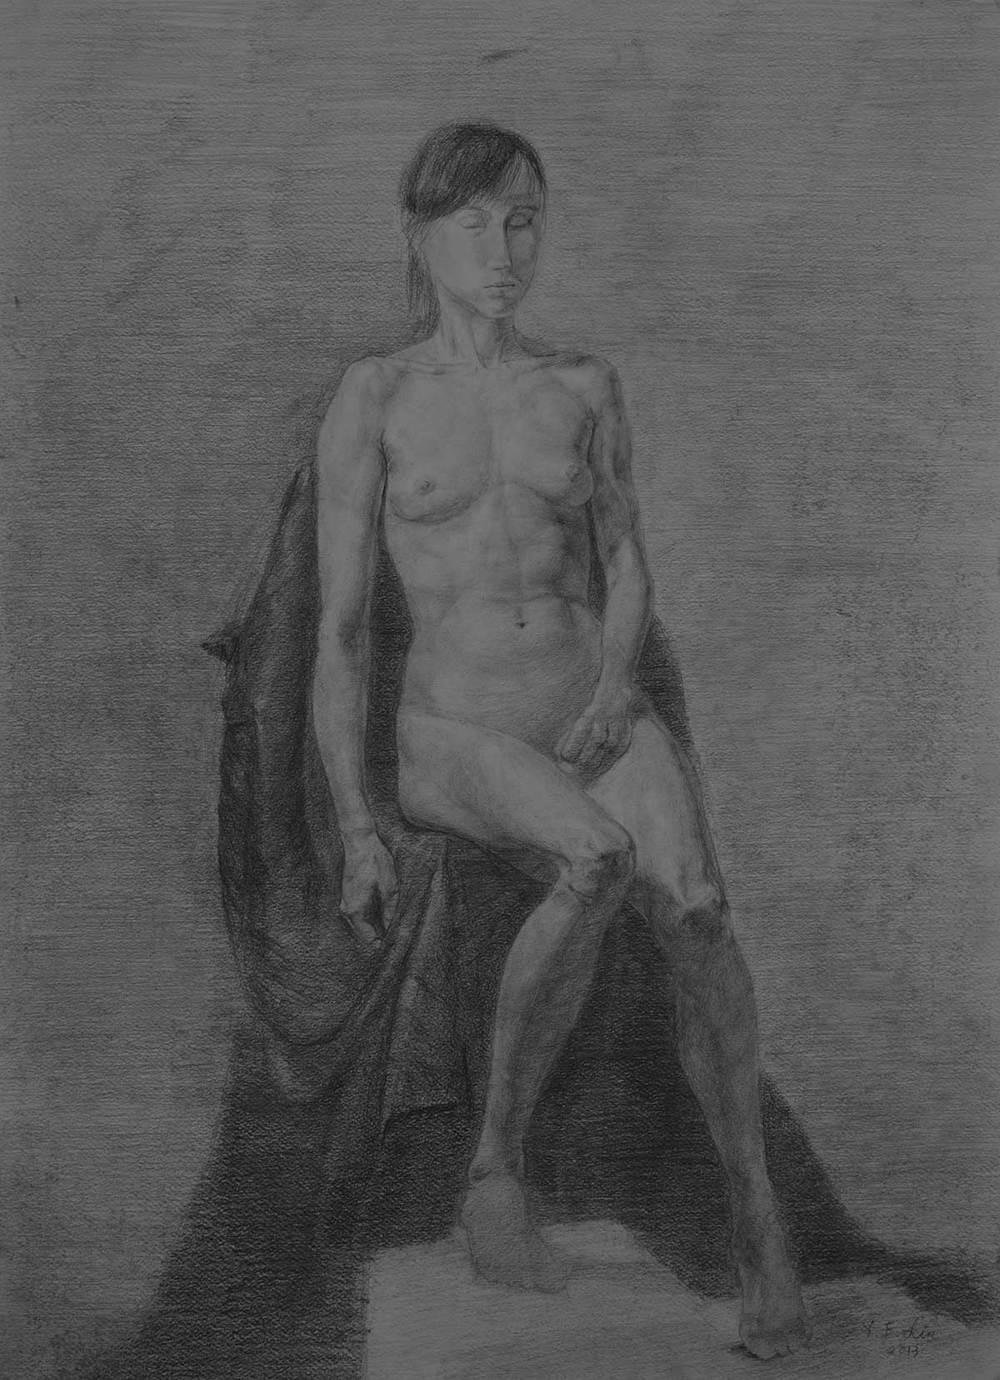 Graphite. A2 (59.4×42.0 cm) 2013